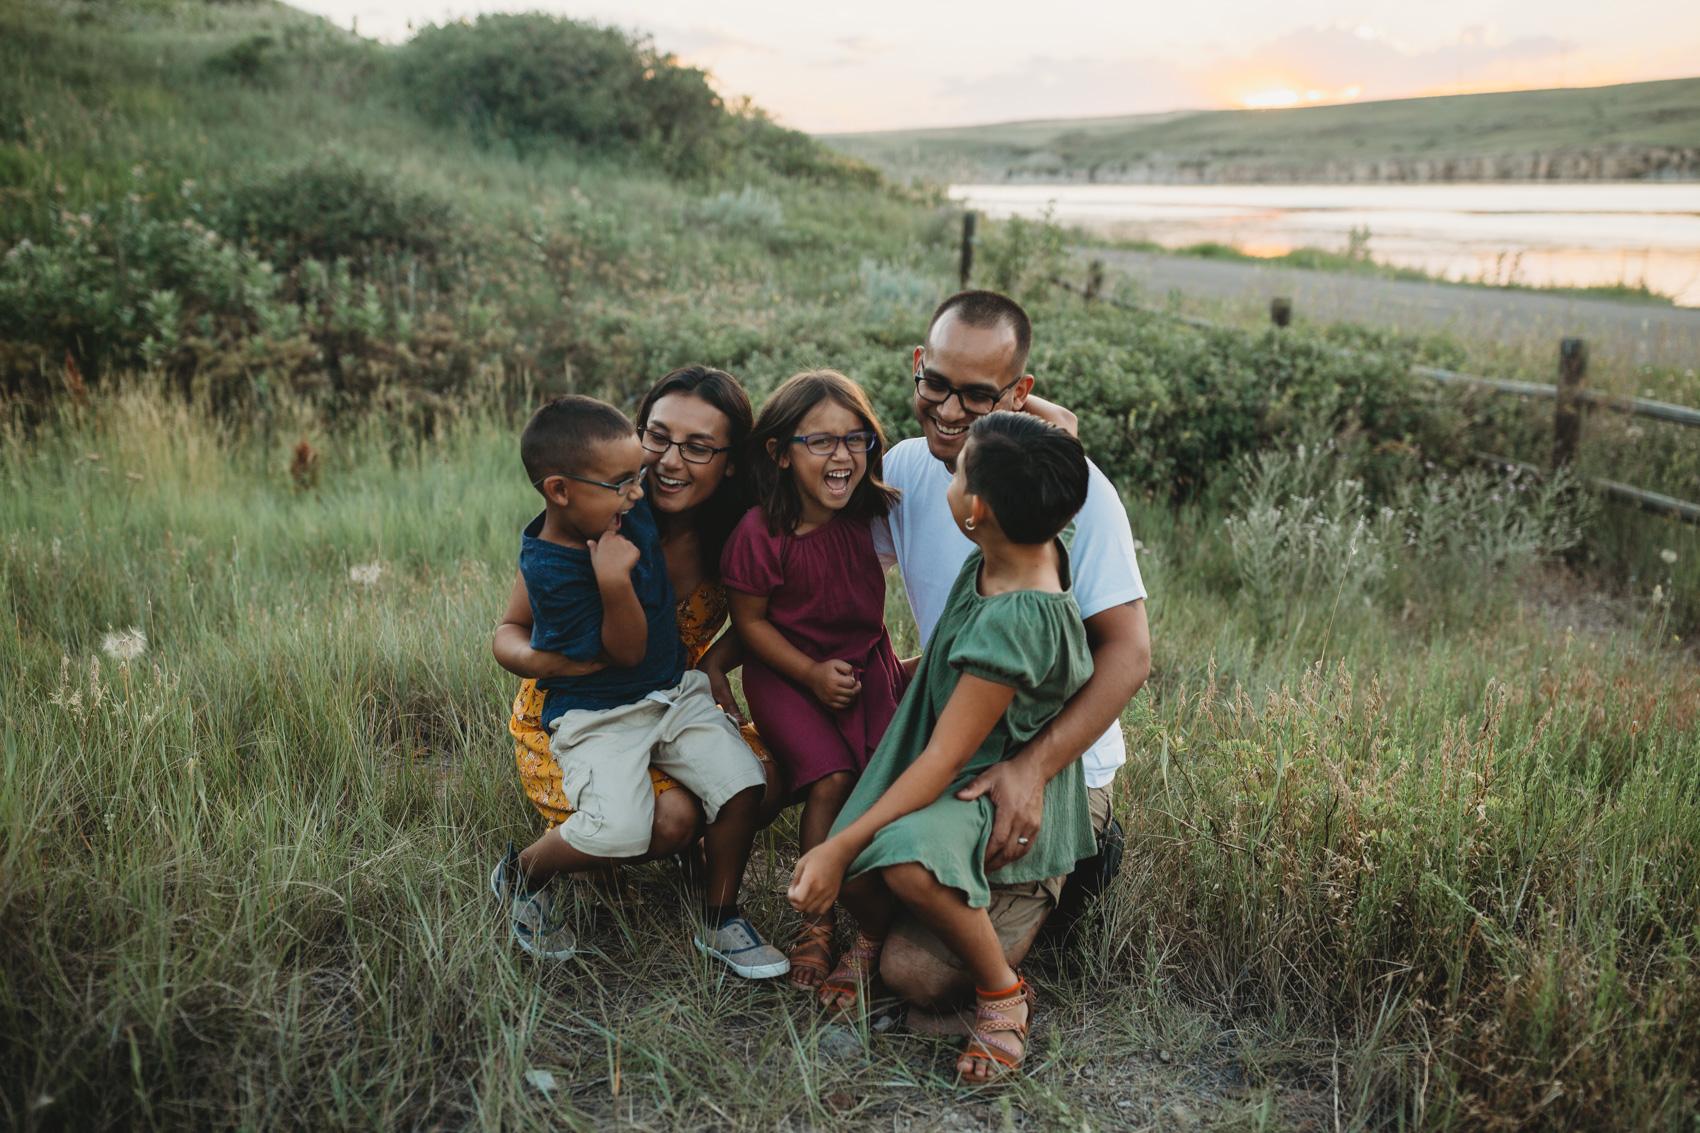 Sandoval_Great-Falls-Montana-Family-Photos-11.jpg